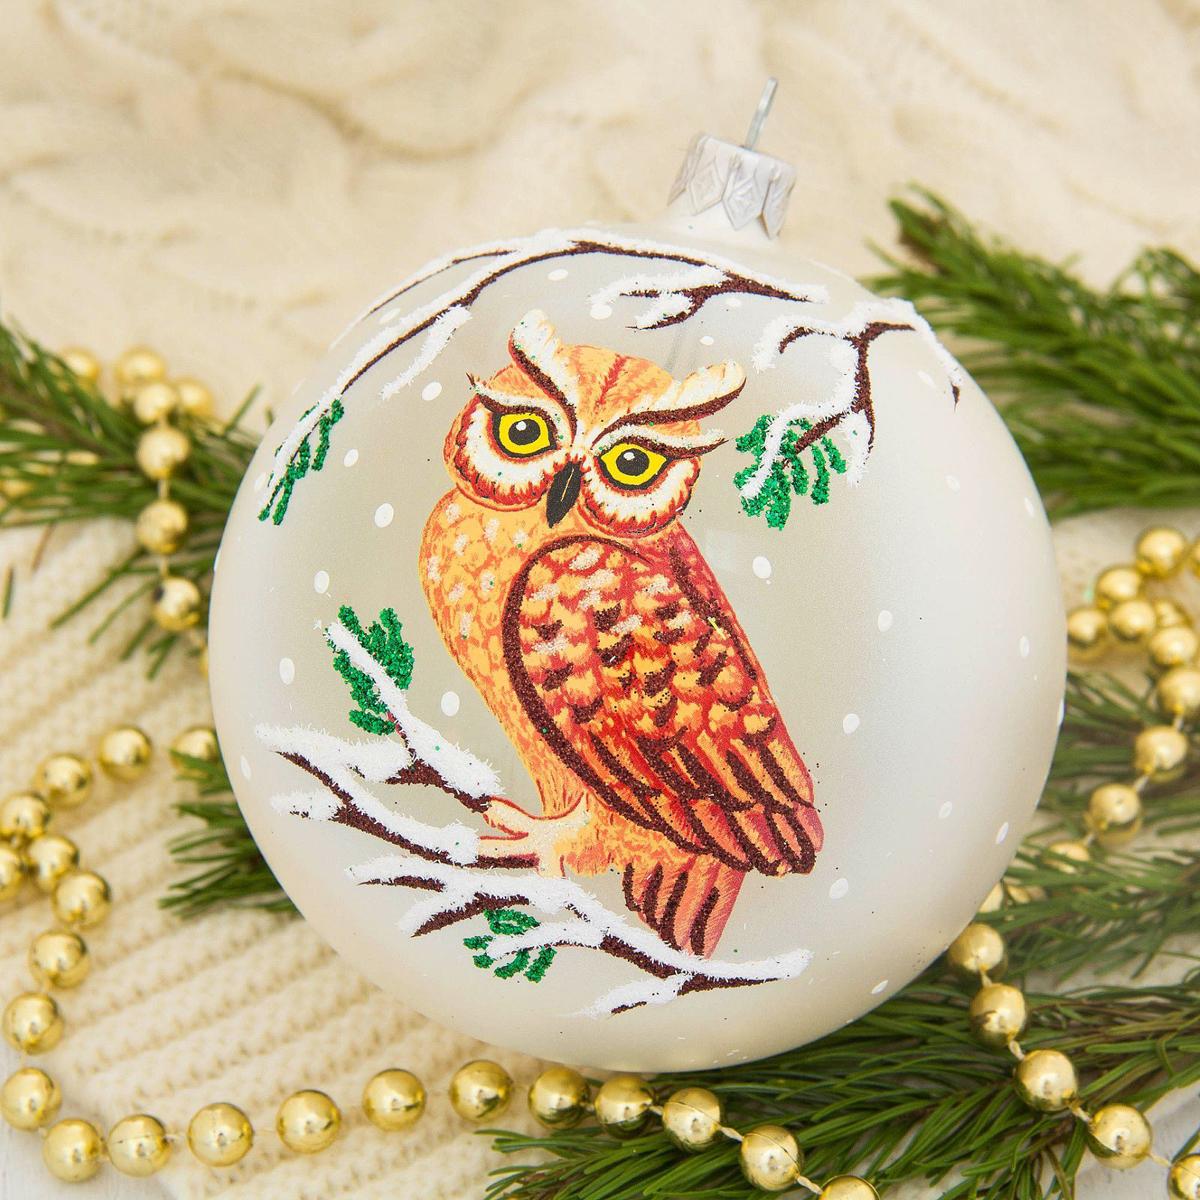 Украшение новогоднее елочное Ёлочка Филин, диаметр 9,5 см1721478Невозможно представить нашу жизнь без праздников! Мы всегда ждём их и предвкушаем, обдумываем, как проведём памятный день, тщательно выбираем подарки и аксессуары, ведь именно они создают и поддерживают торжественный настрой.